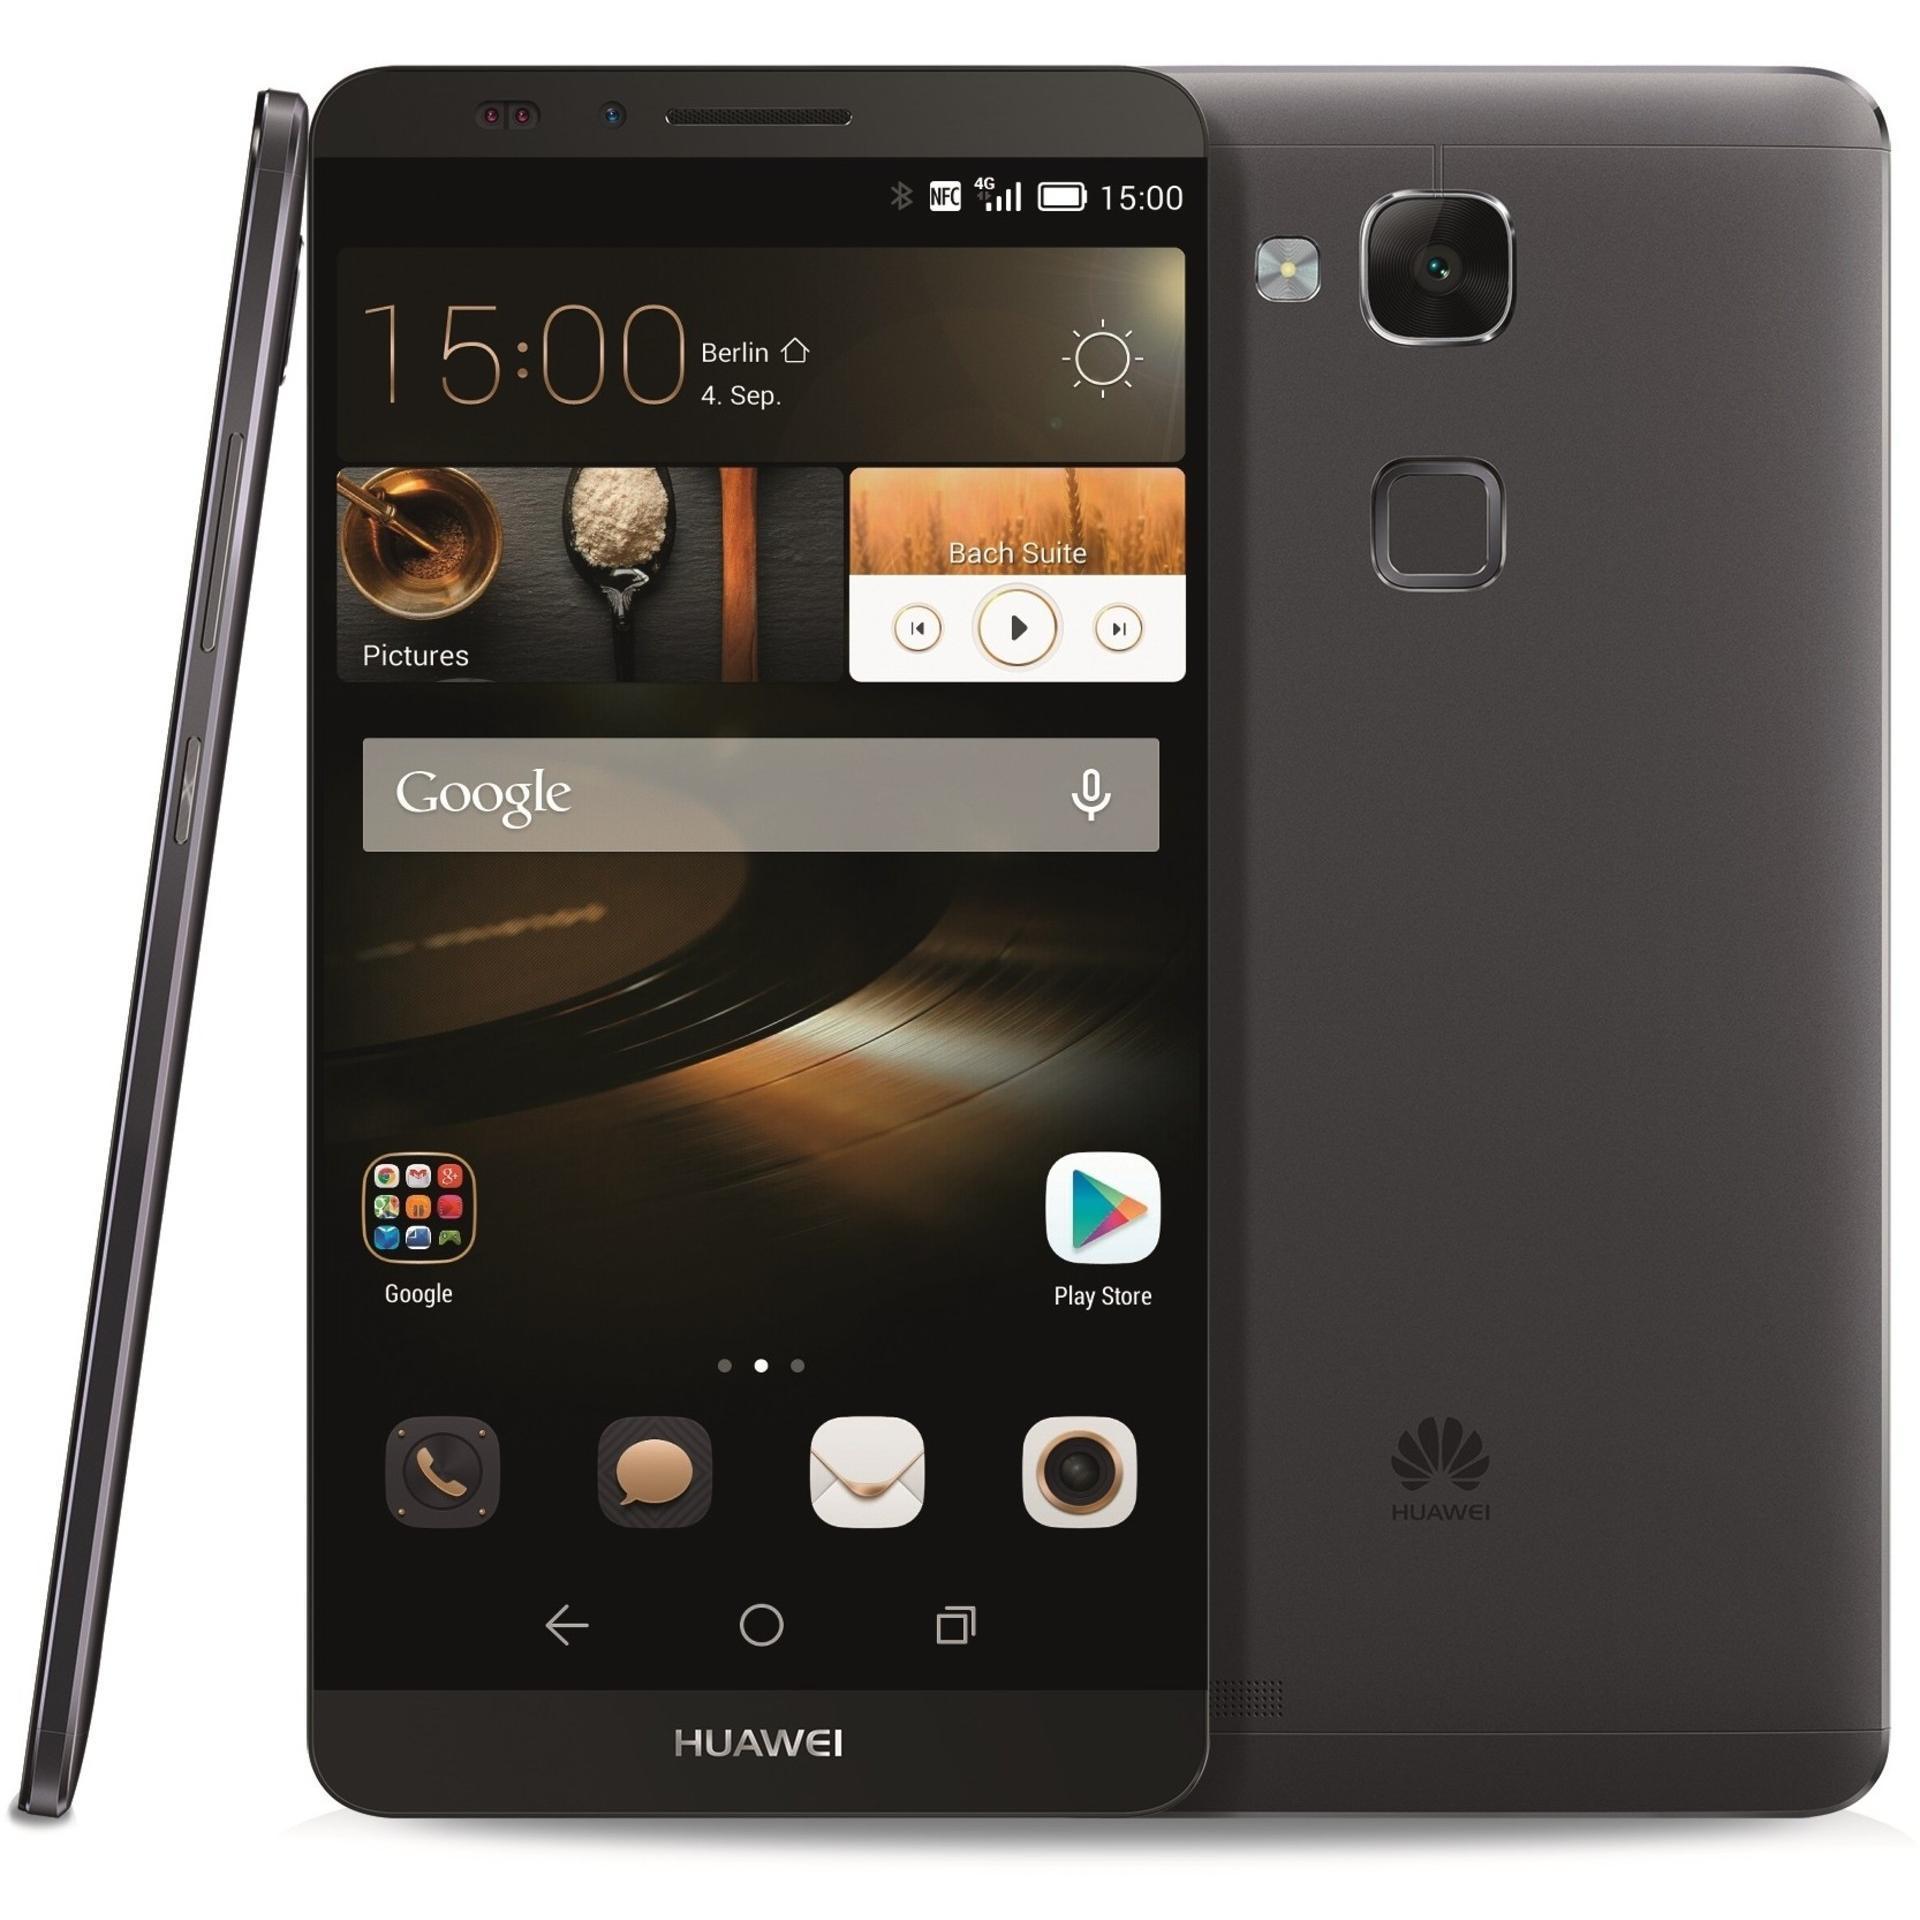 Huawei Ascend Mate 7 16 Go - Noir - Débloqué